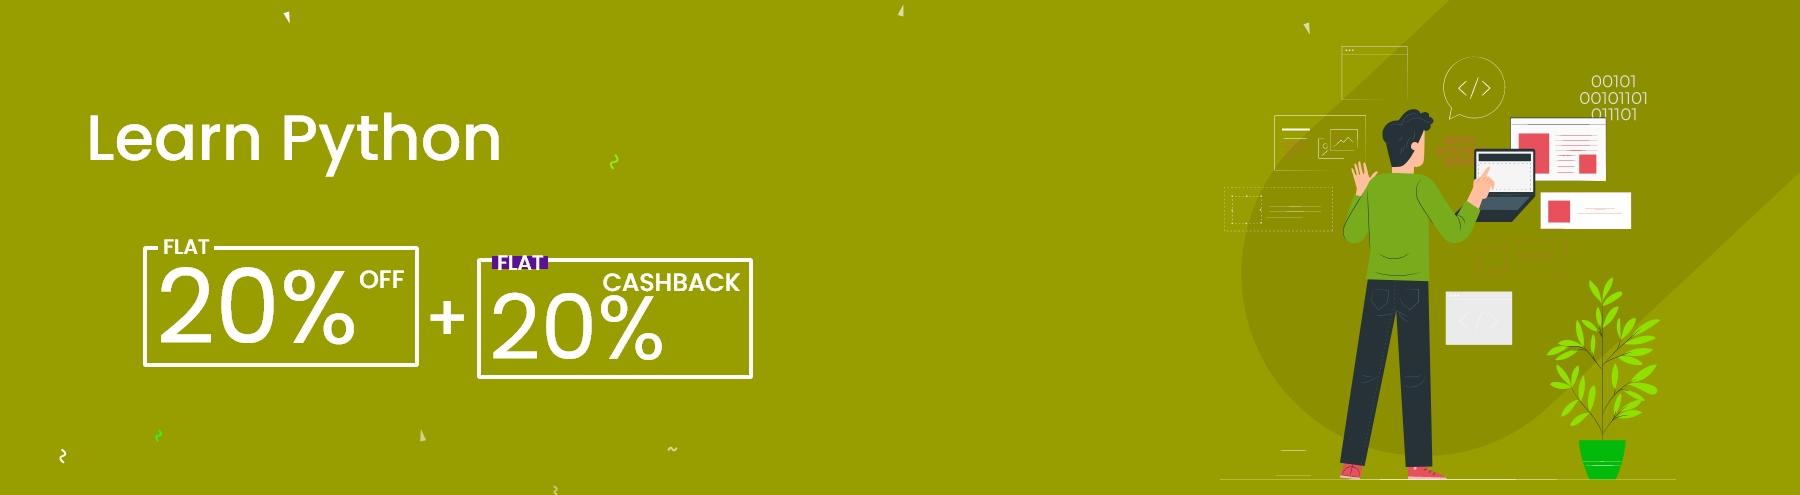 Edustrom background banner